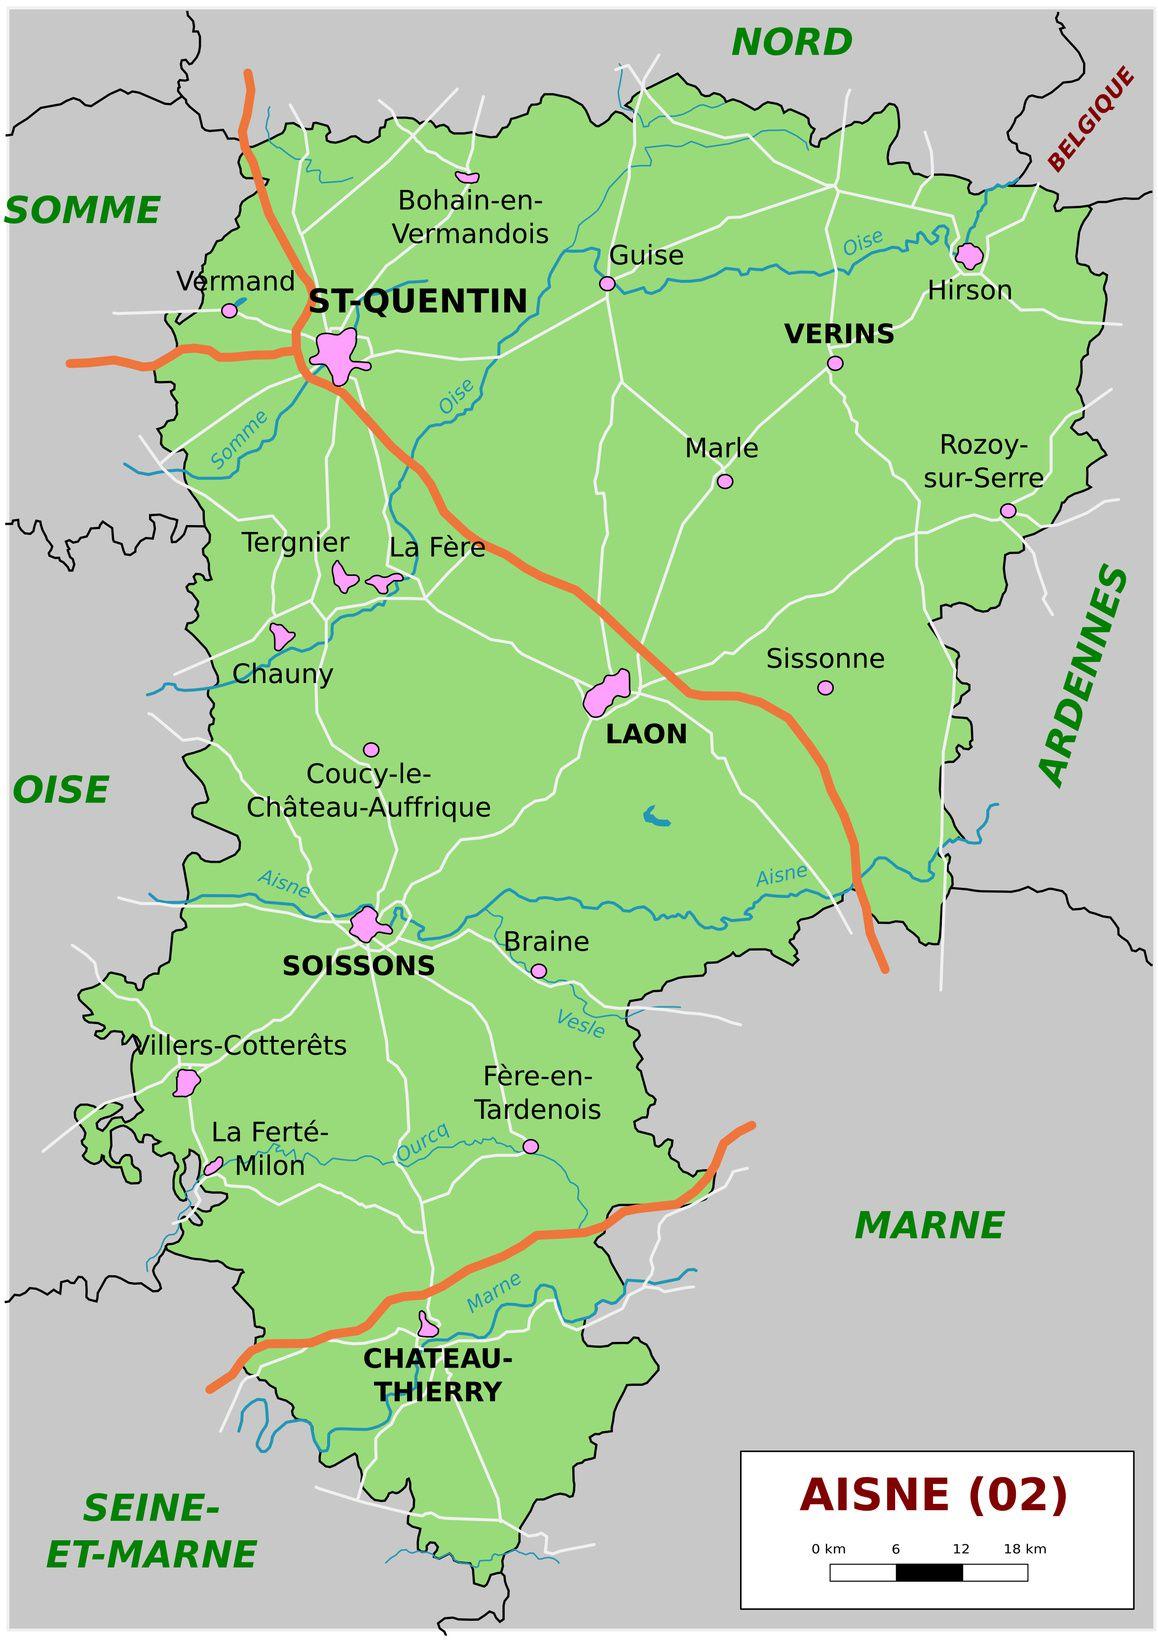 Carte administrative de l'Aisne